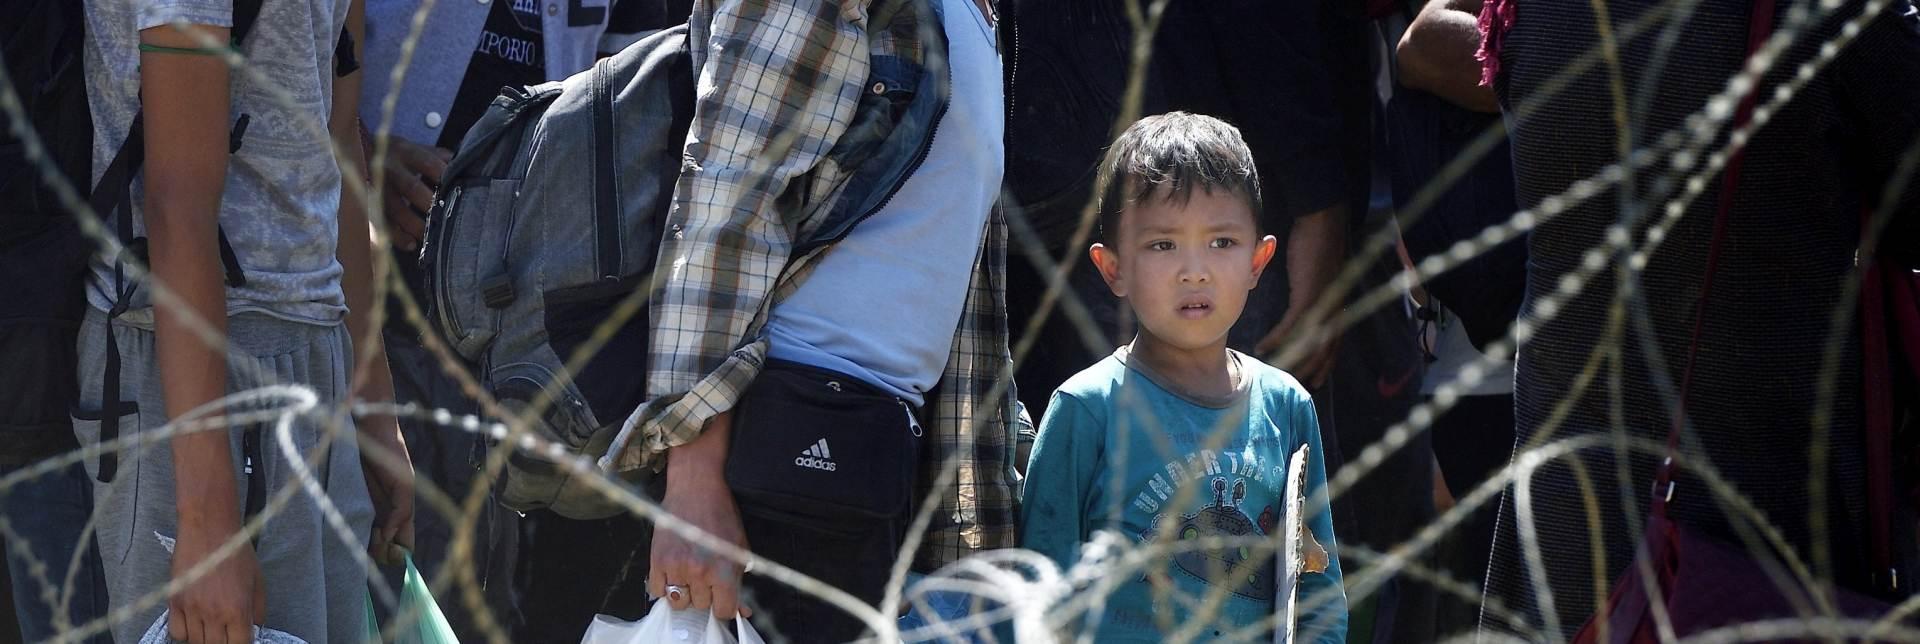 Mađarska pojačava ogradu protiv migranata na srbijanskoj granici